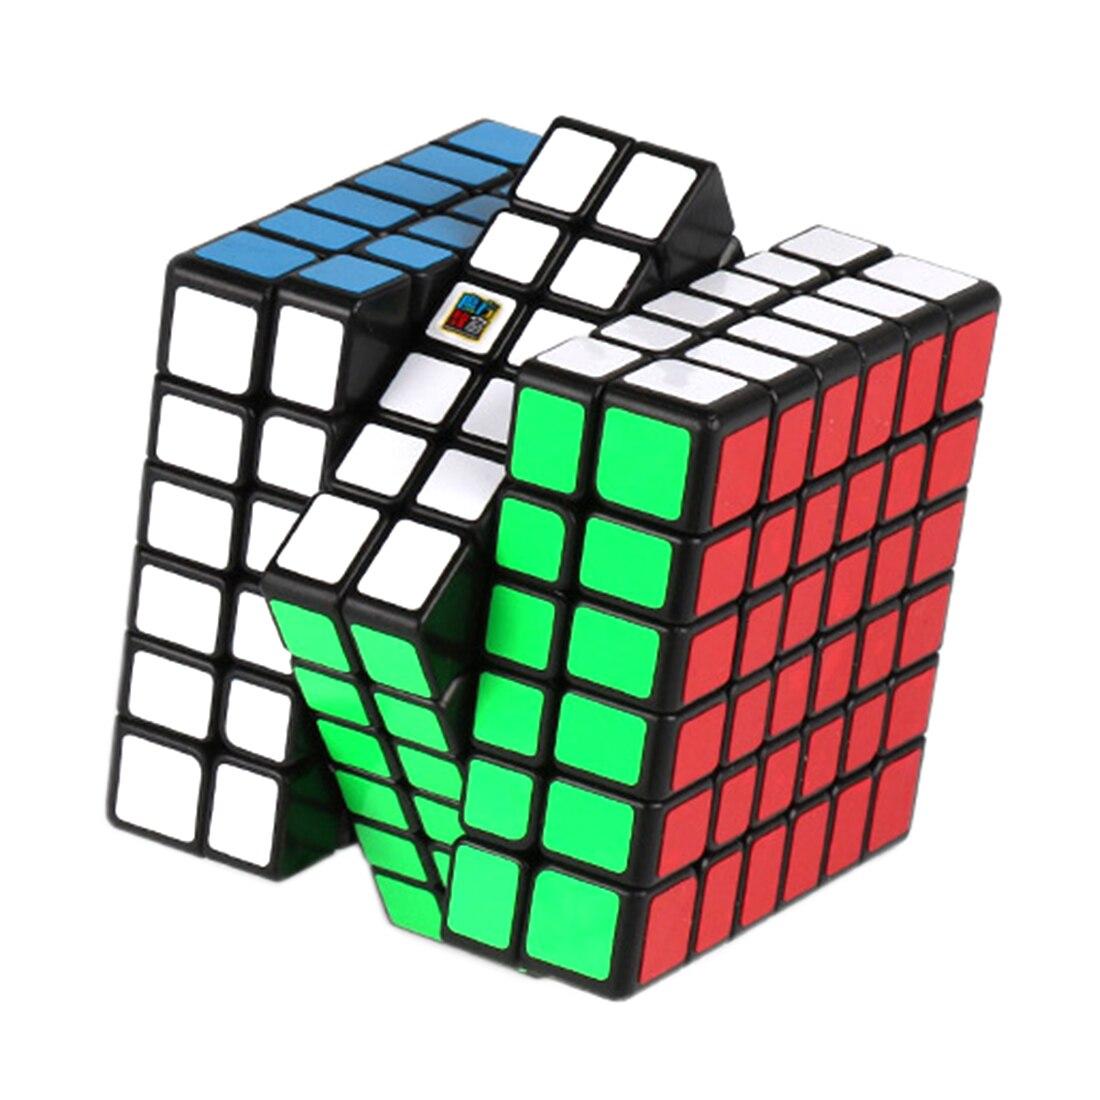 Mofangjiaoshi MFJS Paquet Ensemble Cadeau Cube Cubage Classe 2-7 Étapes Magie Cube Ensemble avec Emballage Boîte-Cadeau pour cerveau Jouets - 5